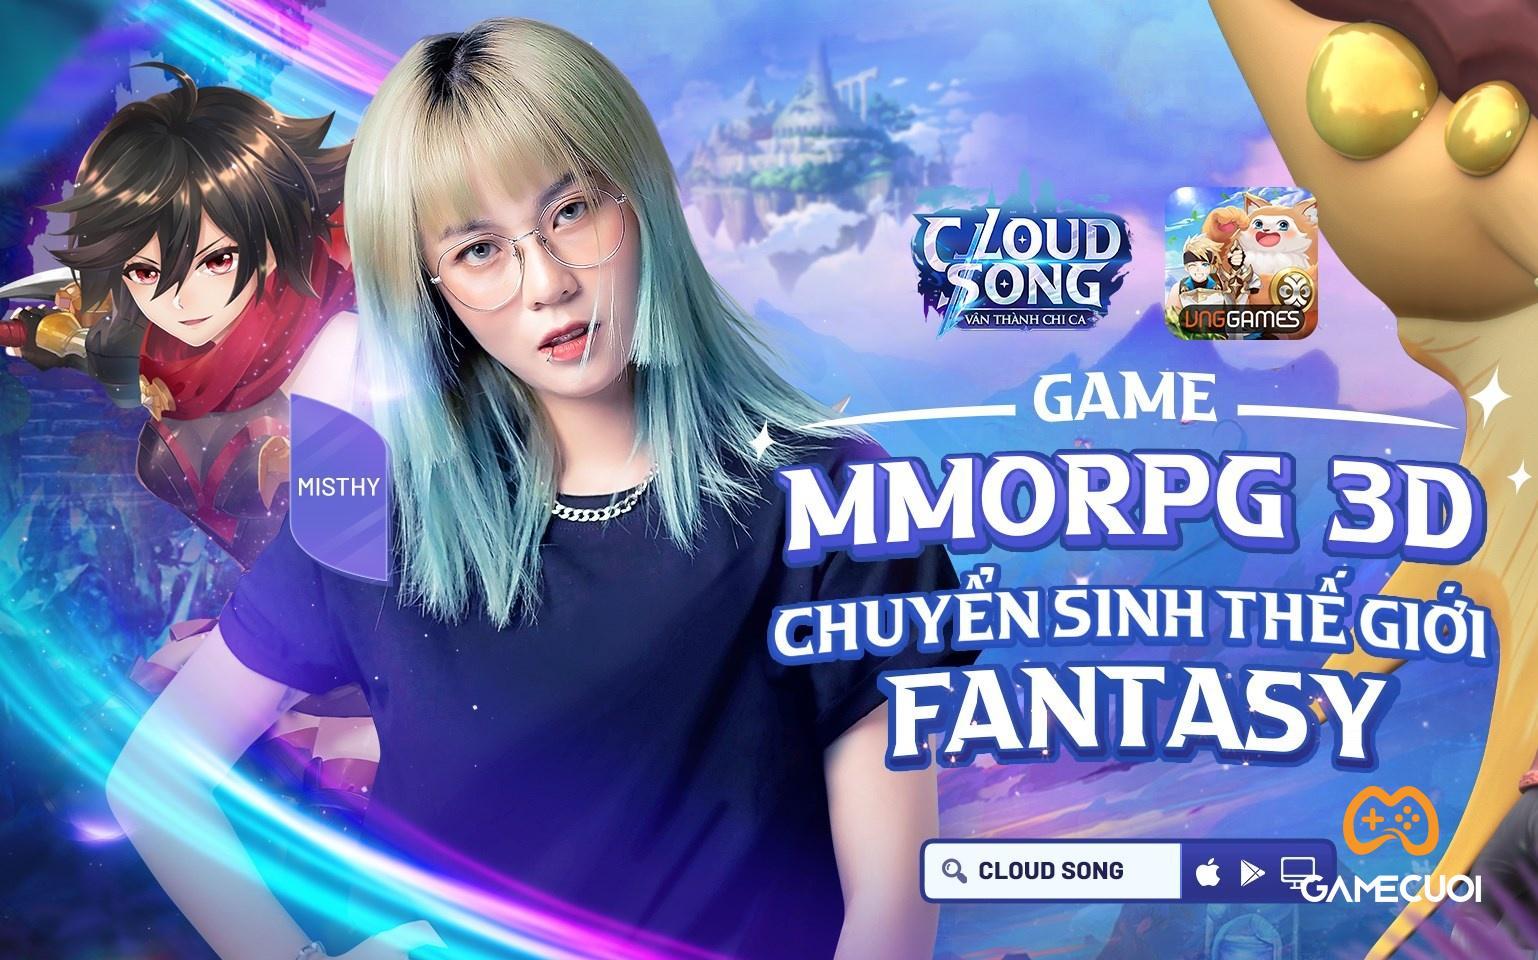 MisThy và Ribi Sachi sẽ là người đồng hành cùng Cloud Song VNG